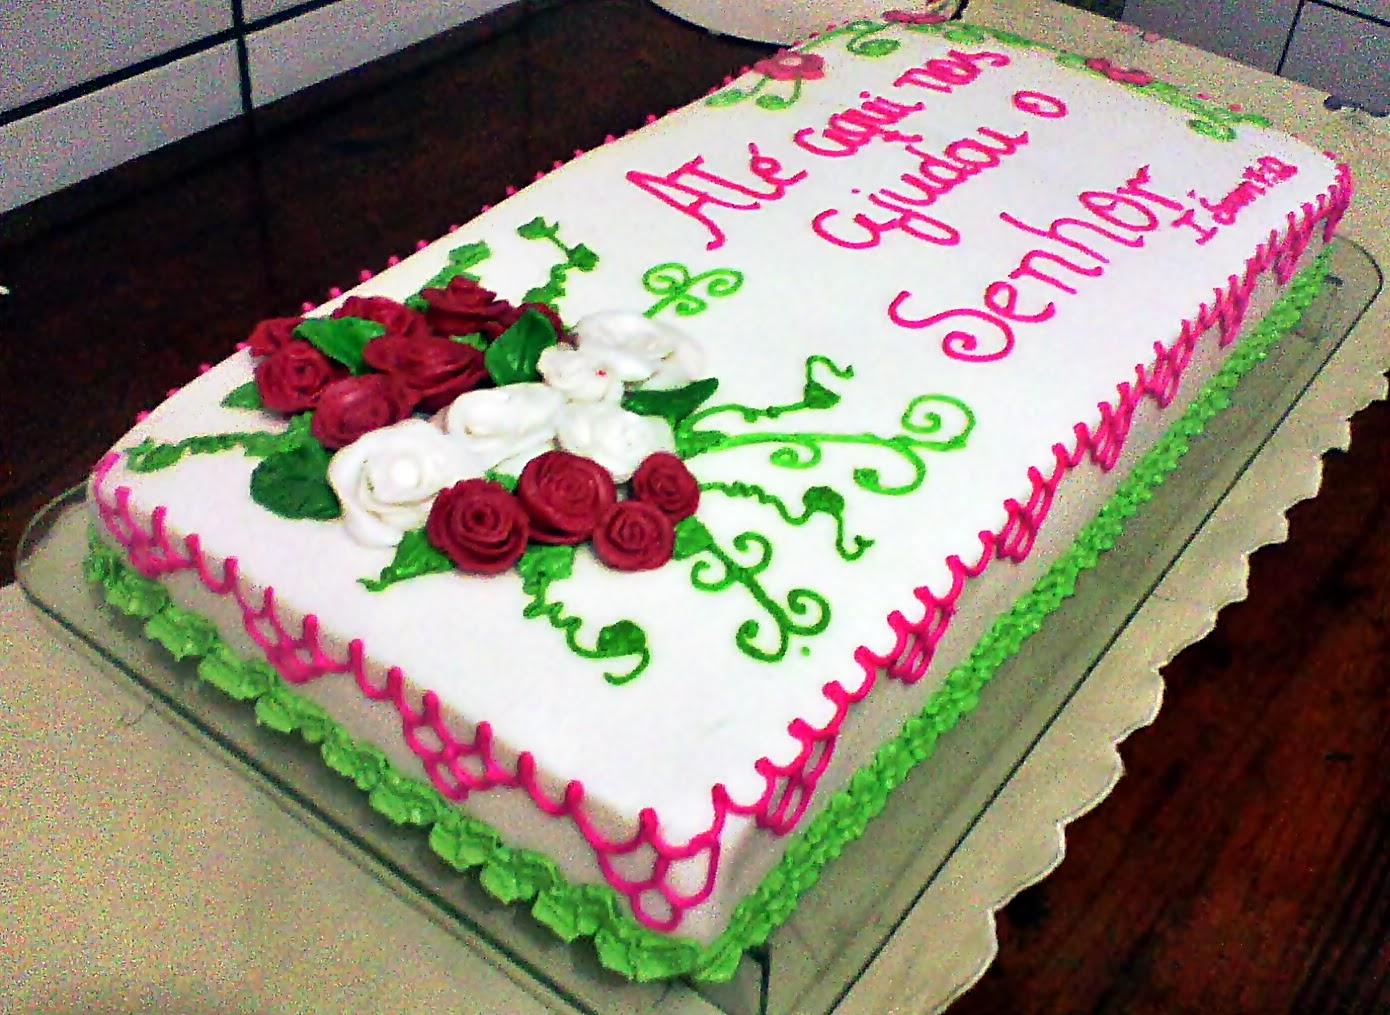 Mensagens Biblicas Para Aniversario: Rebeca Cakes: Bolo De Aniversário Frase Bíblica